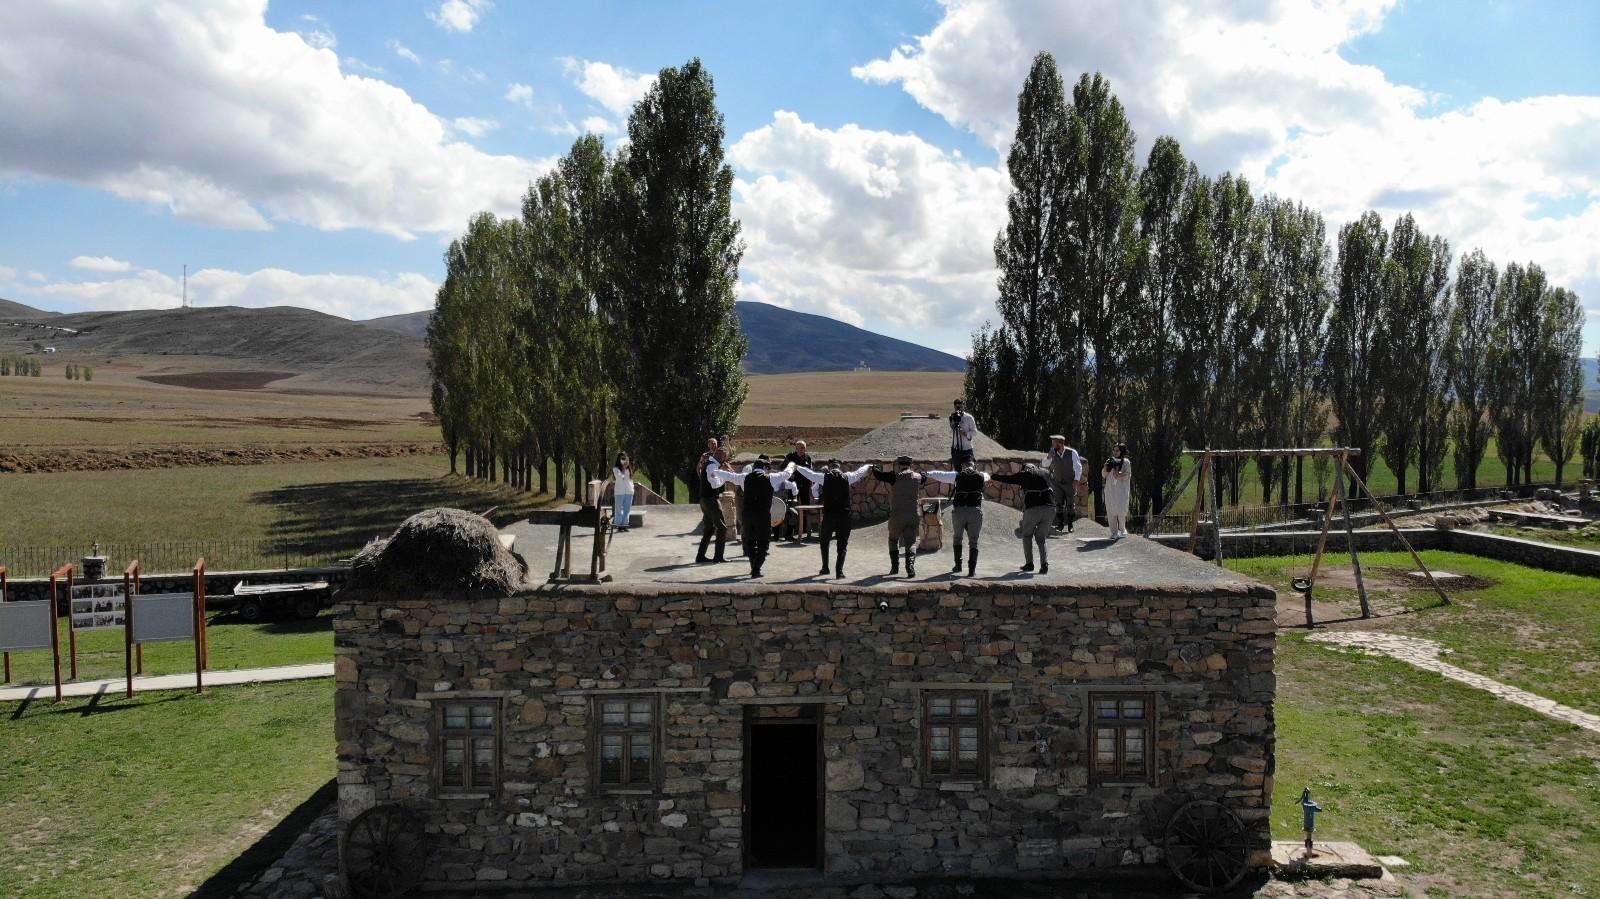 (Özel) Avrupa'da 'Yılın Müzesi' seçilen müzede dam üstünde horon şov